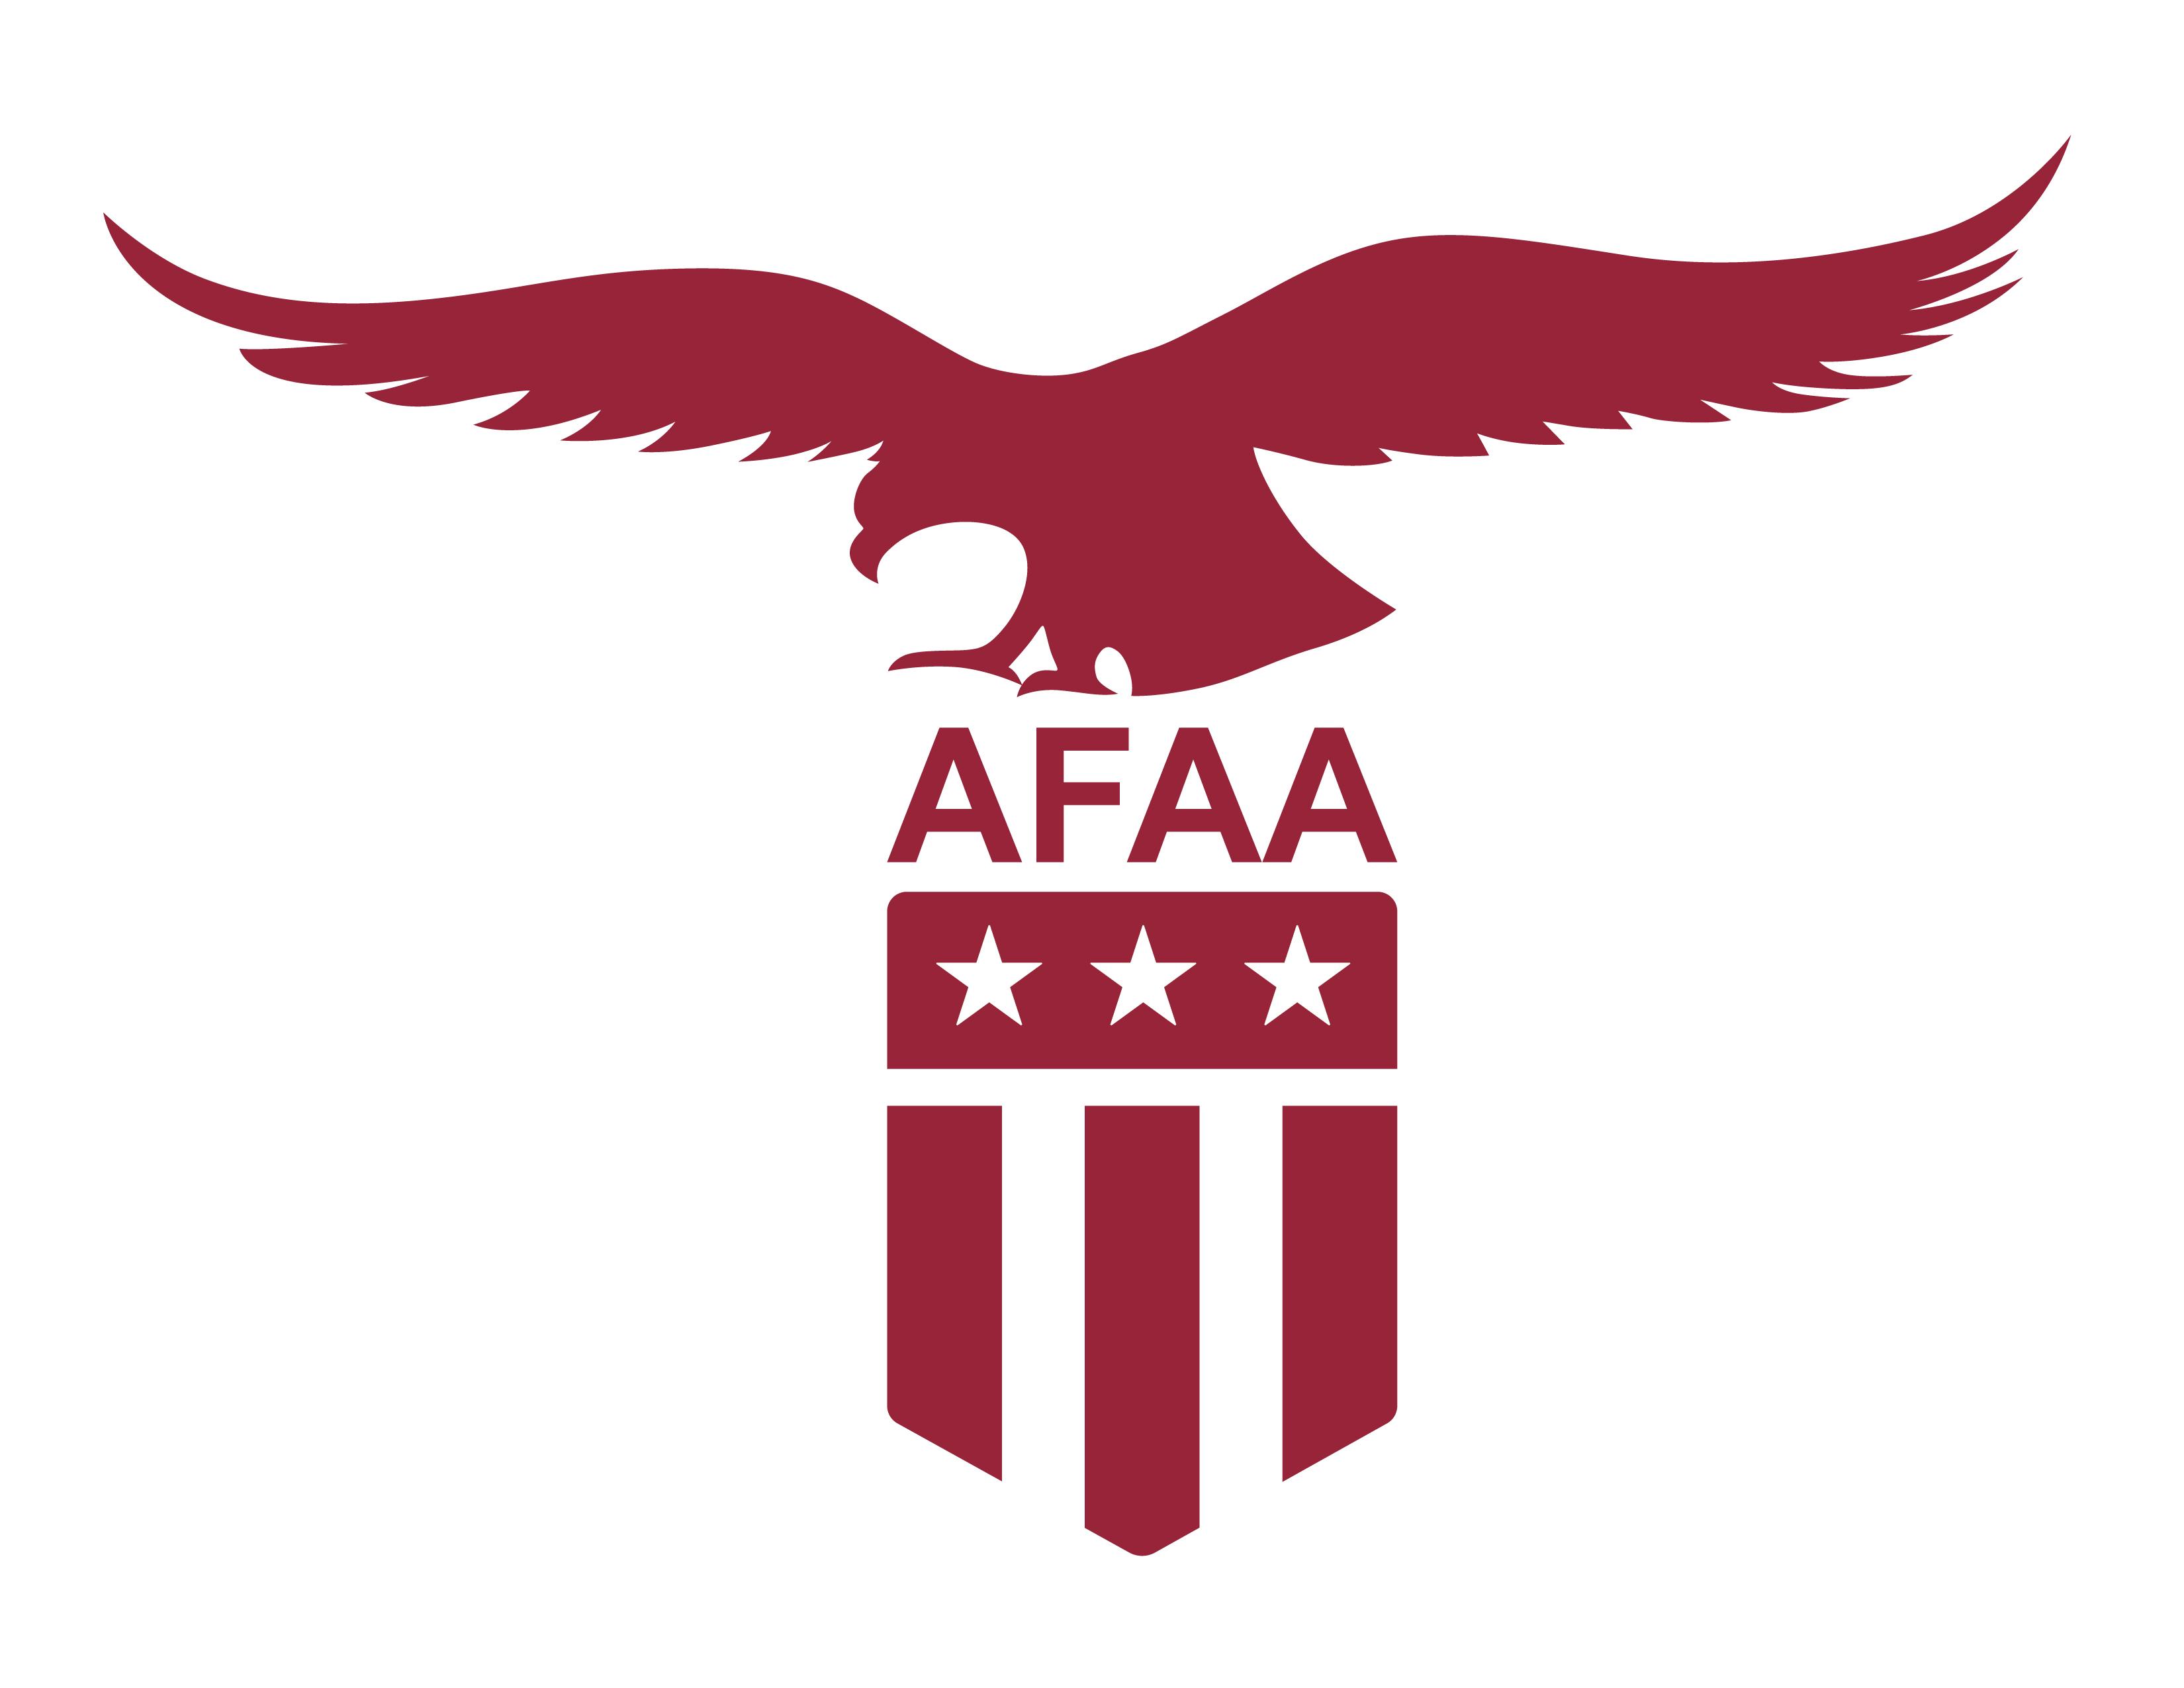 afaa-01